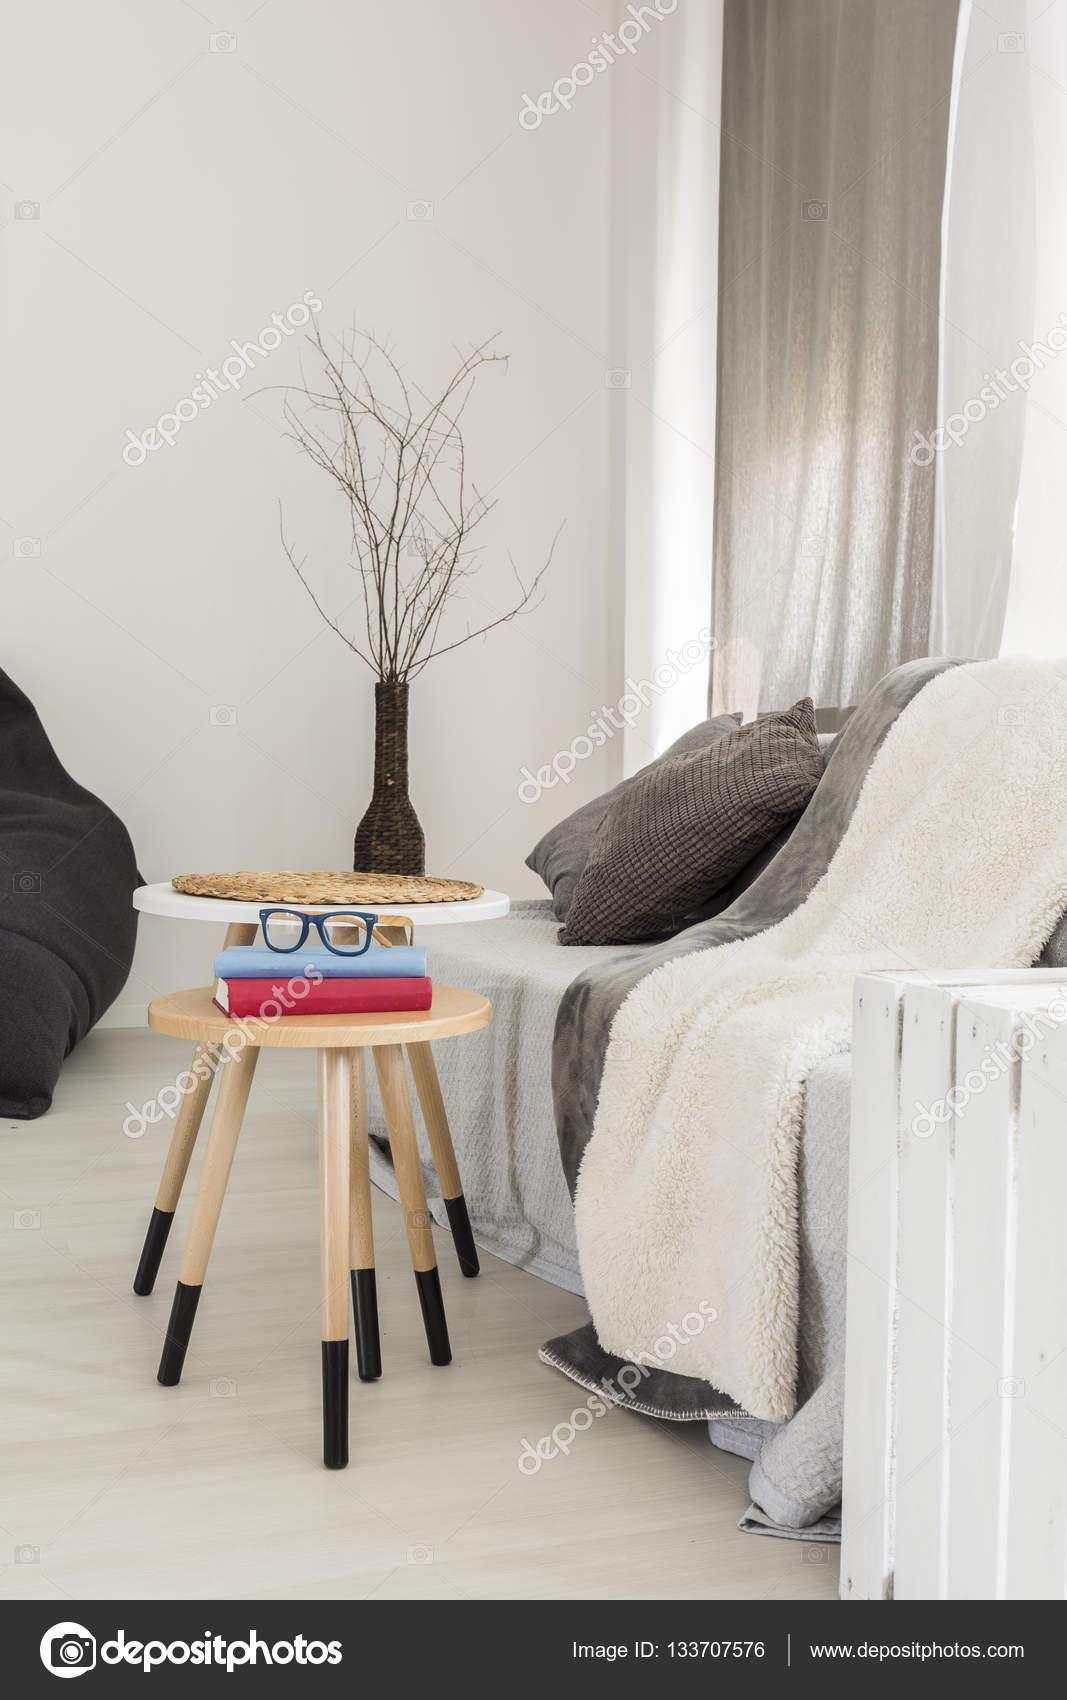 Minimalistische Zimmer Mit Sofa Und Decken U2014 Stockfoto